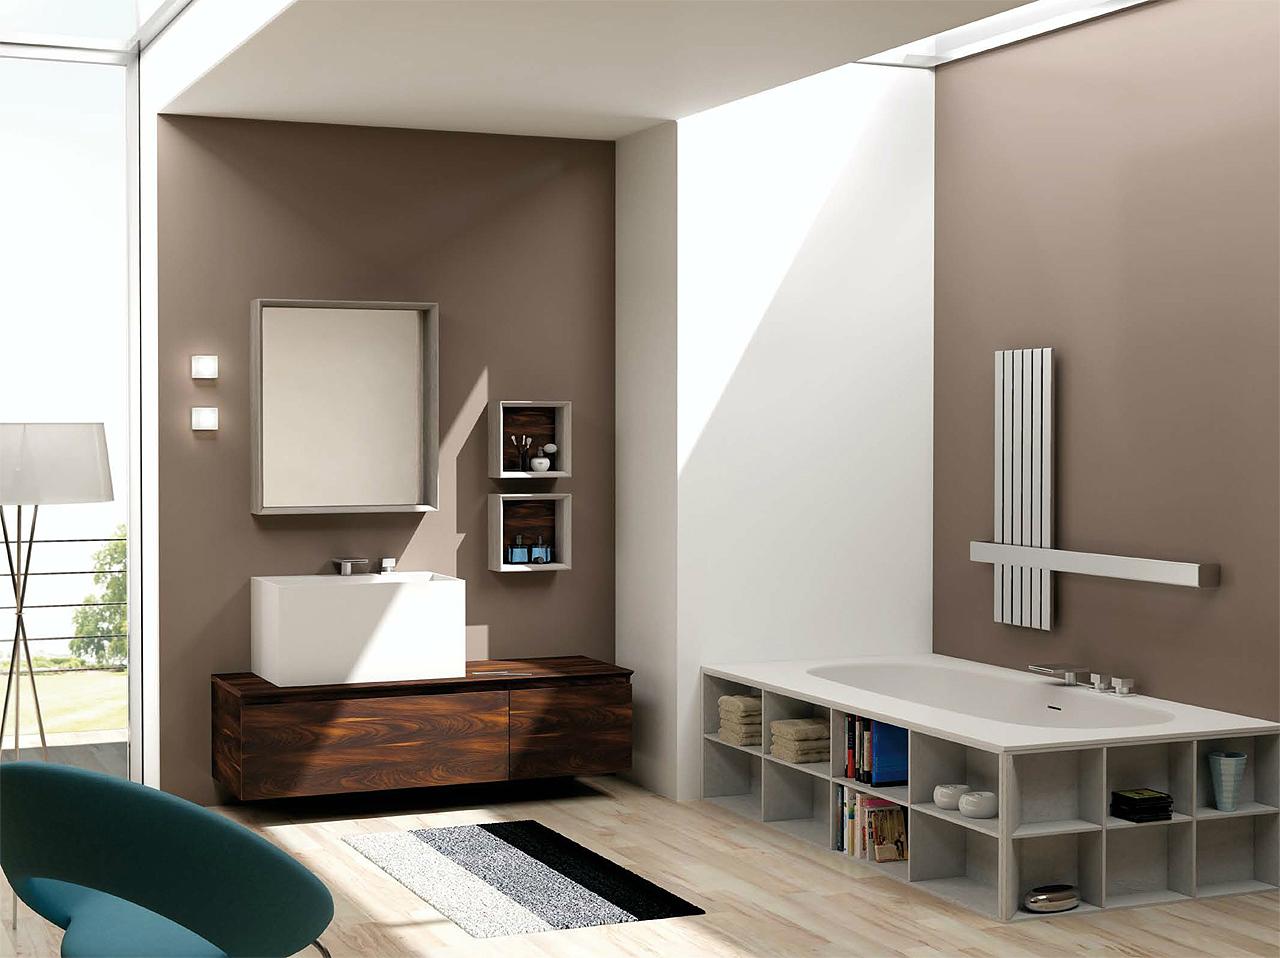 Prodotti sintesibagno i prodotti per il bagno selezionati da sintesibagno mobili componibili - Puntotre arredobagno ...